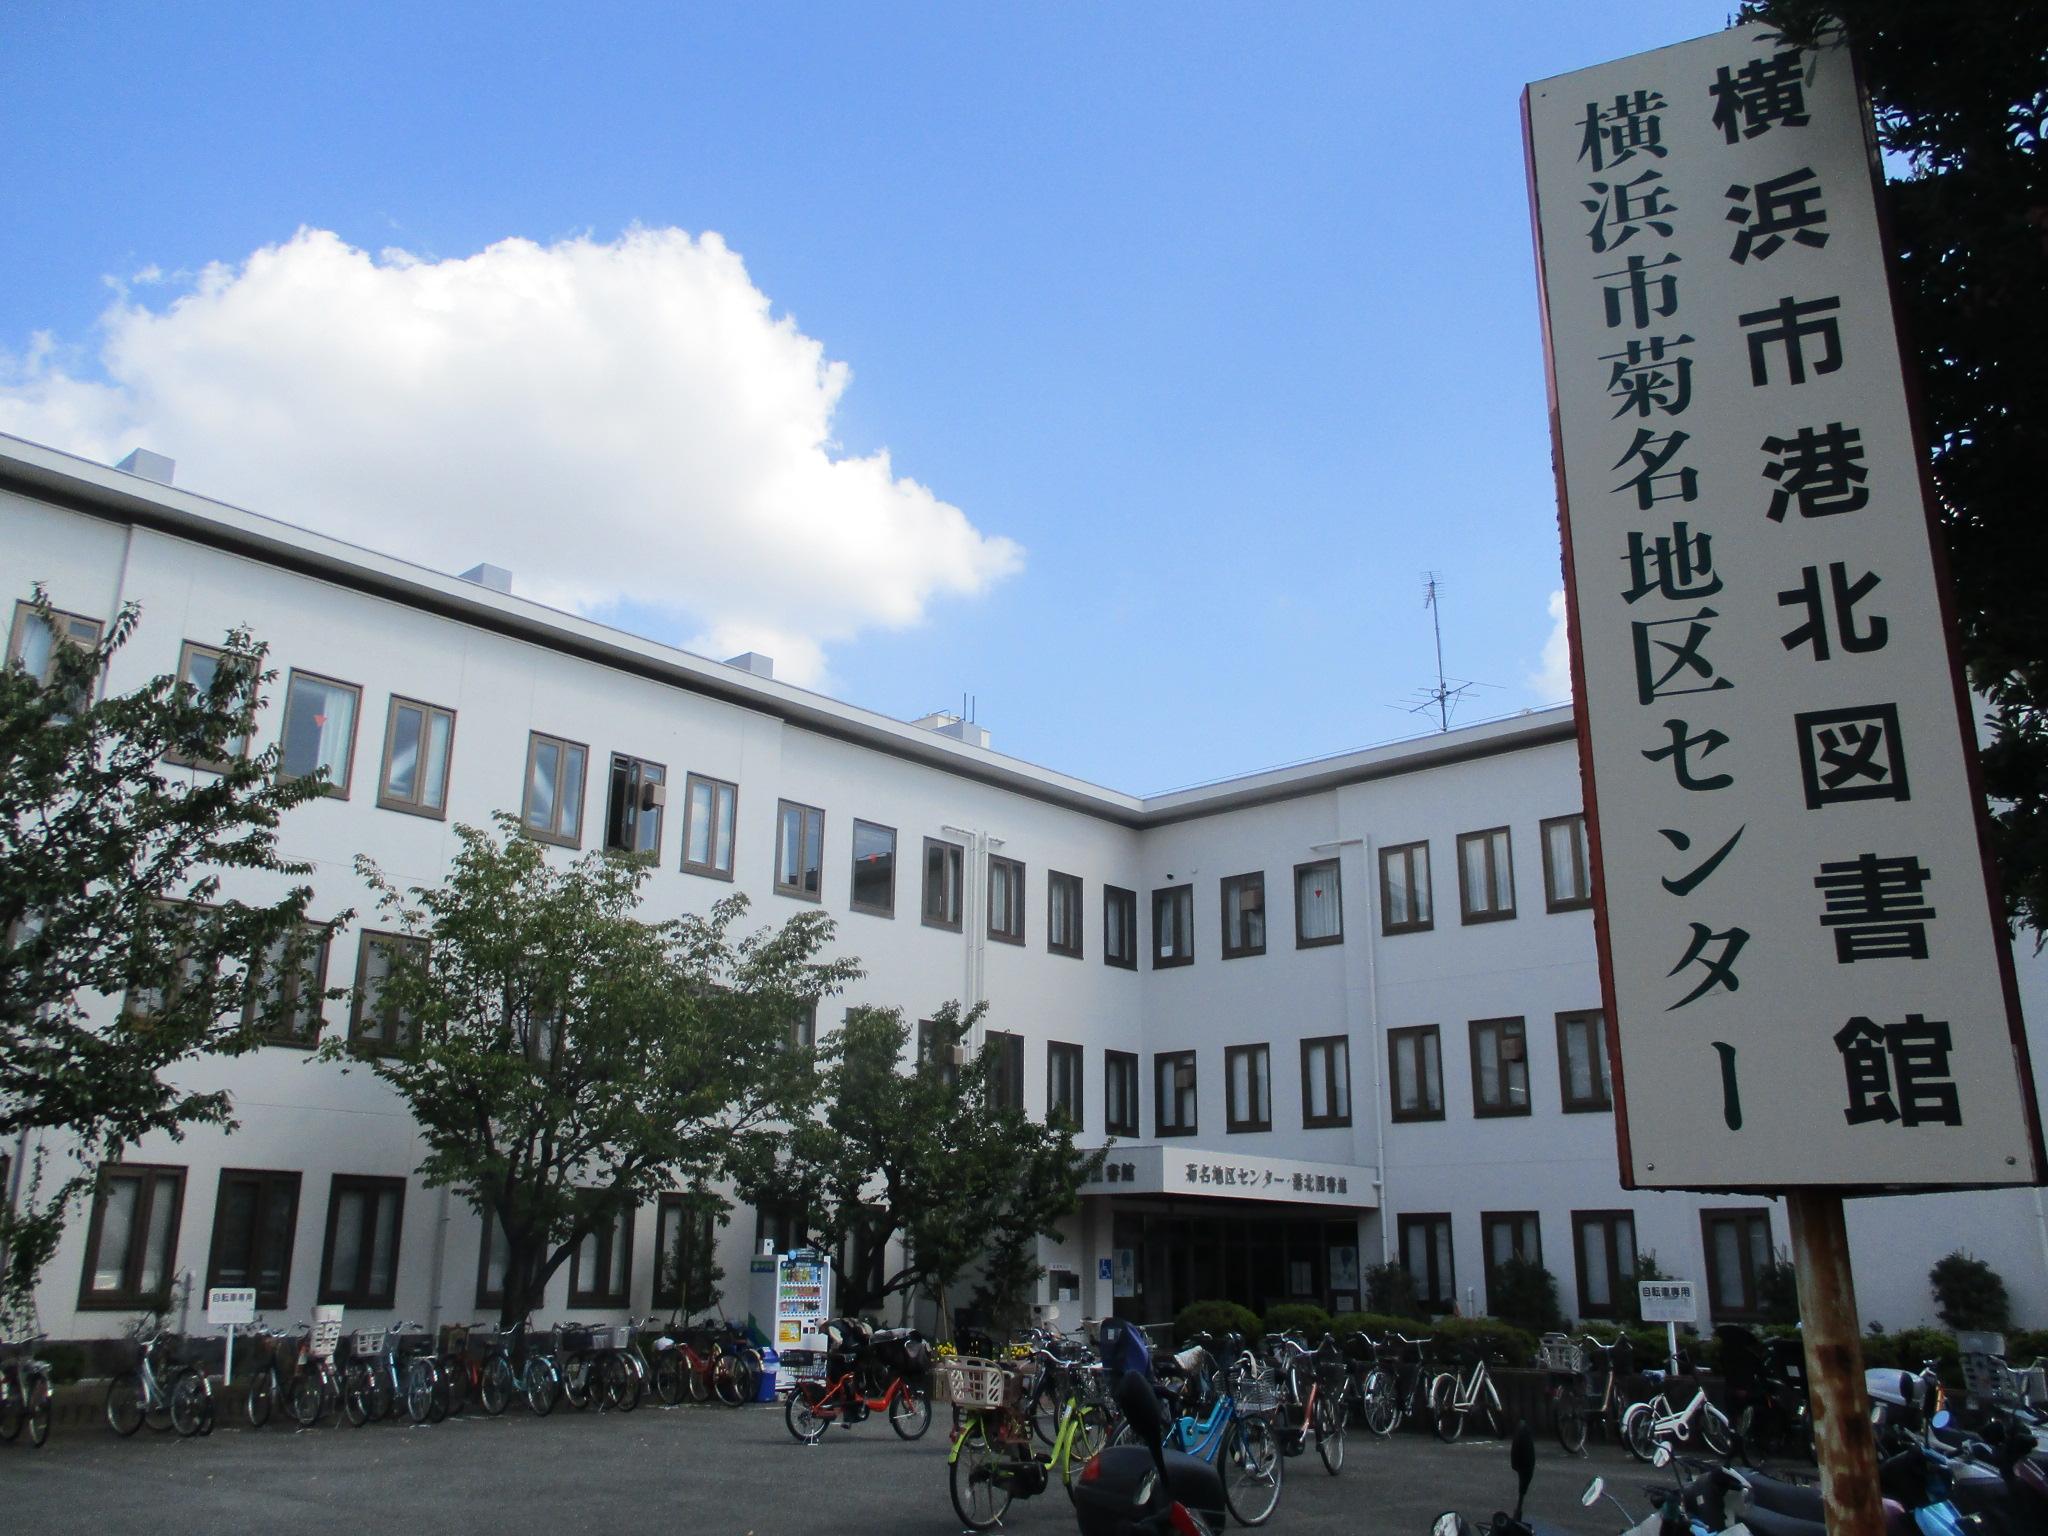 横浜、川崎市(東急東横線)の勉強できるところ -武 …